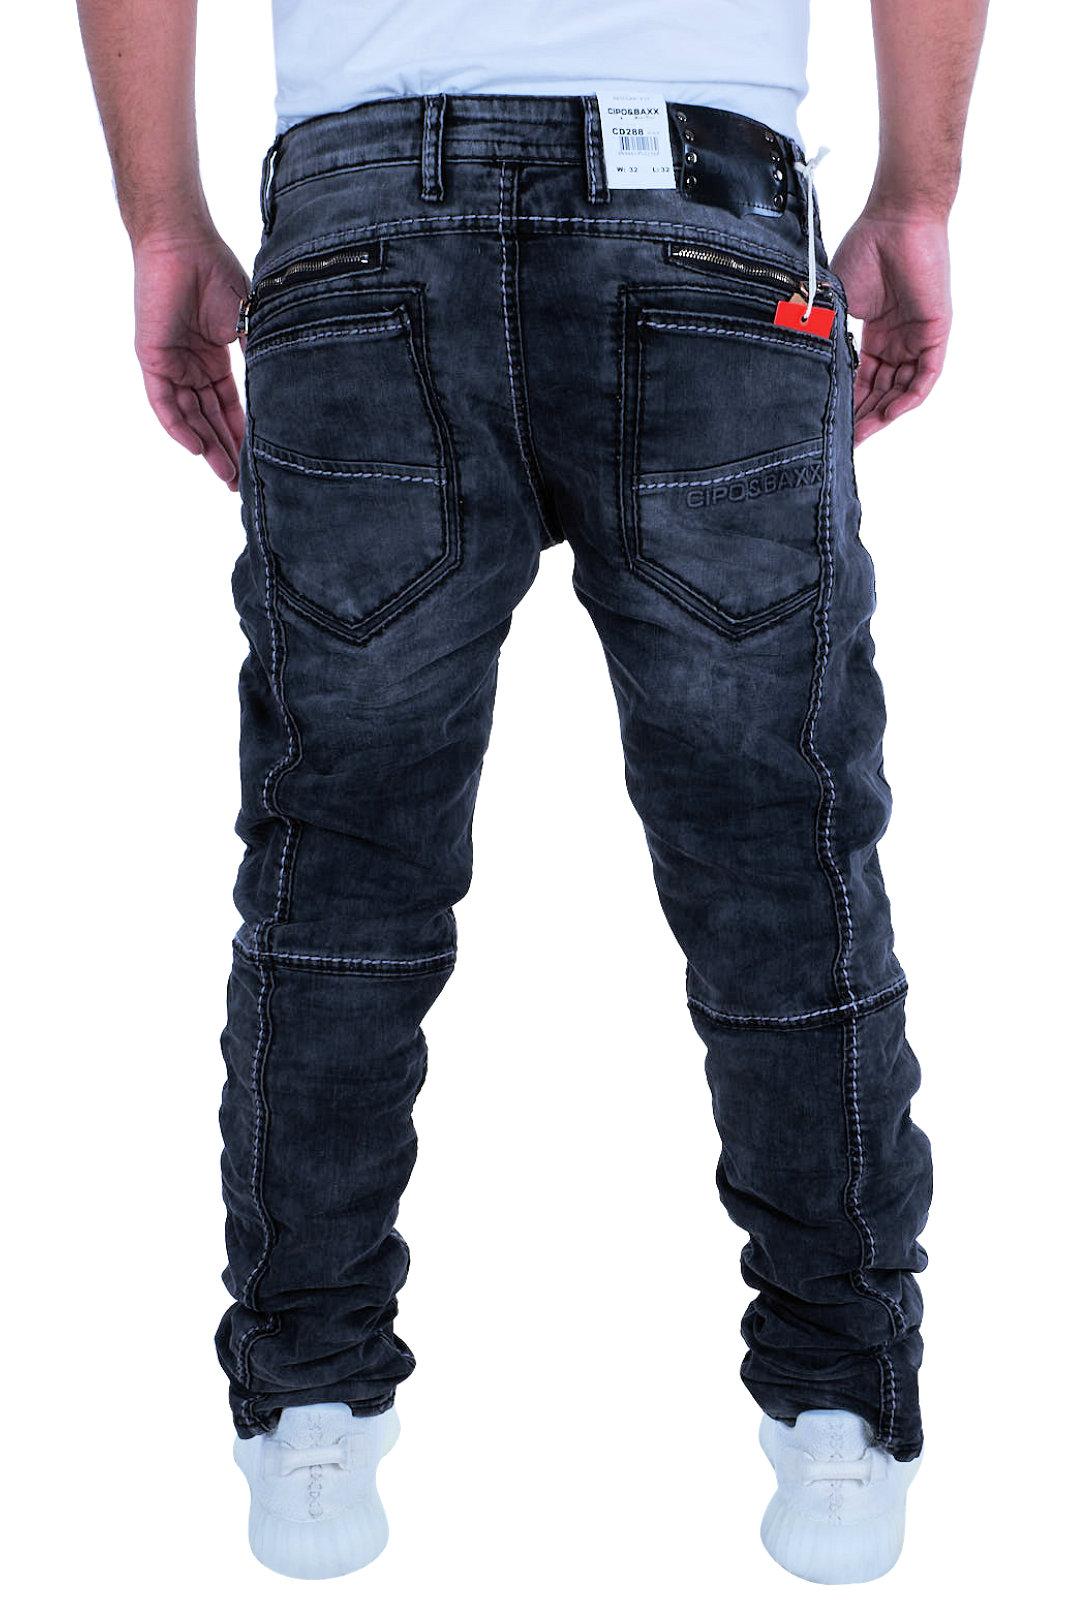 Clubwear Droite Couturespaisses Pants Cd288 Denim Cube Cipo Jeans Hommes Cd2 Baxx qxB4tf87